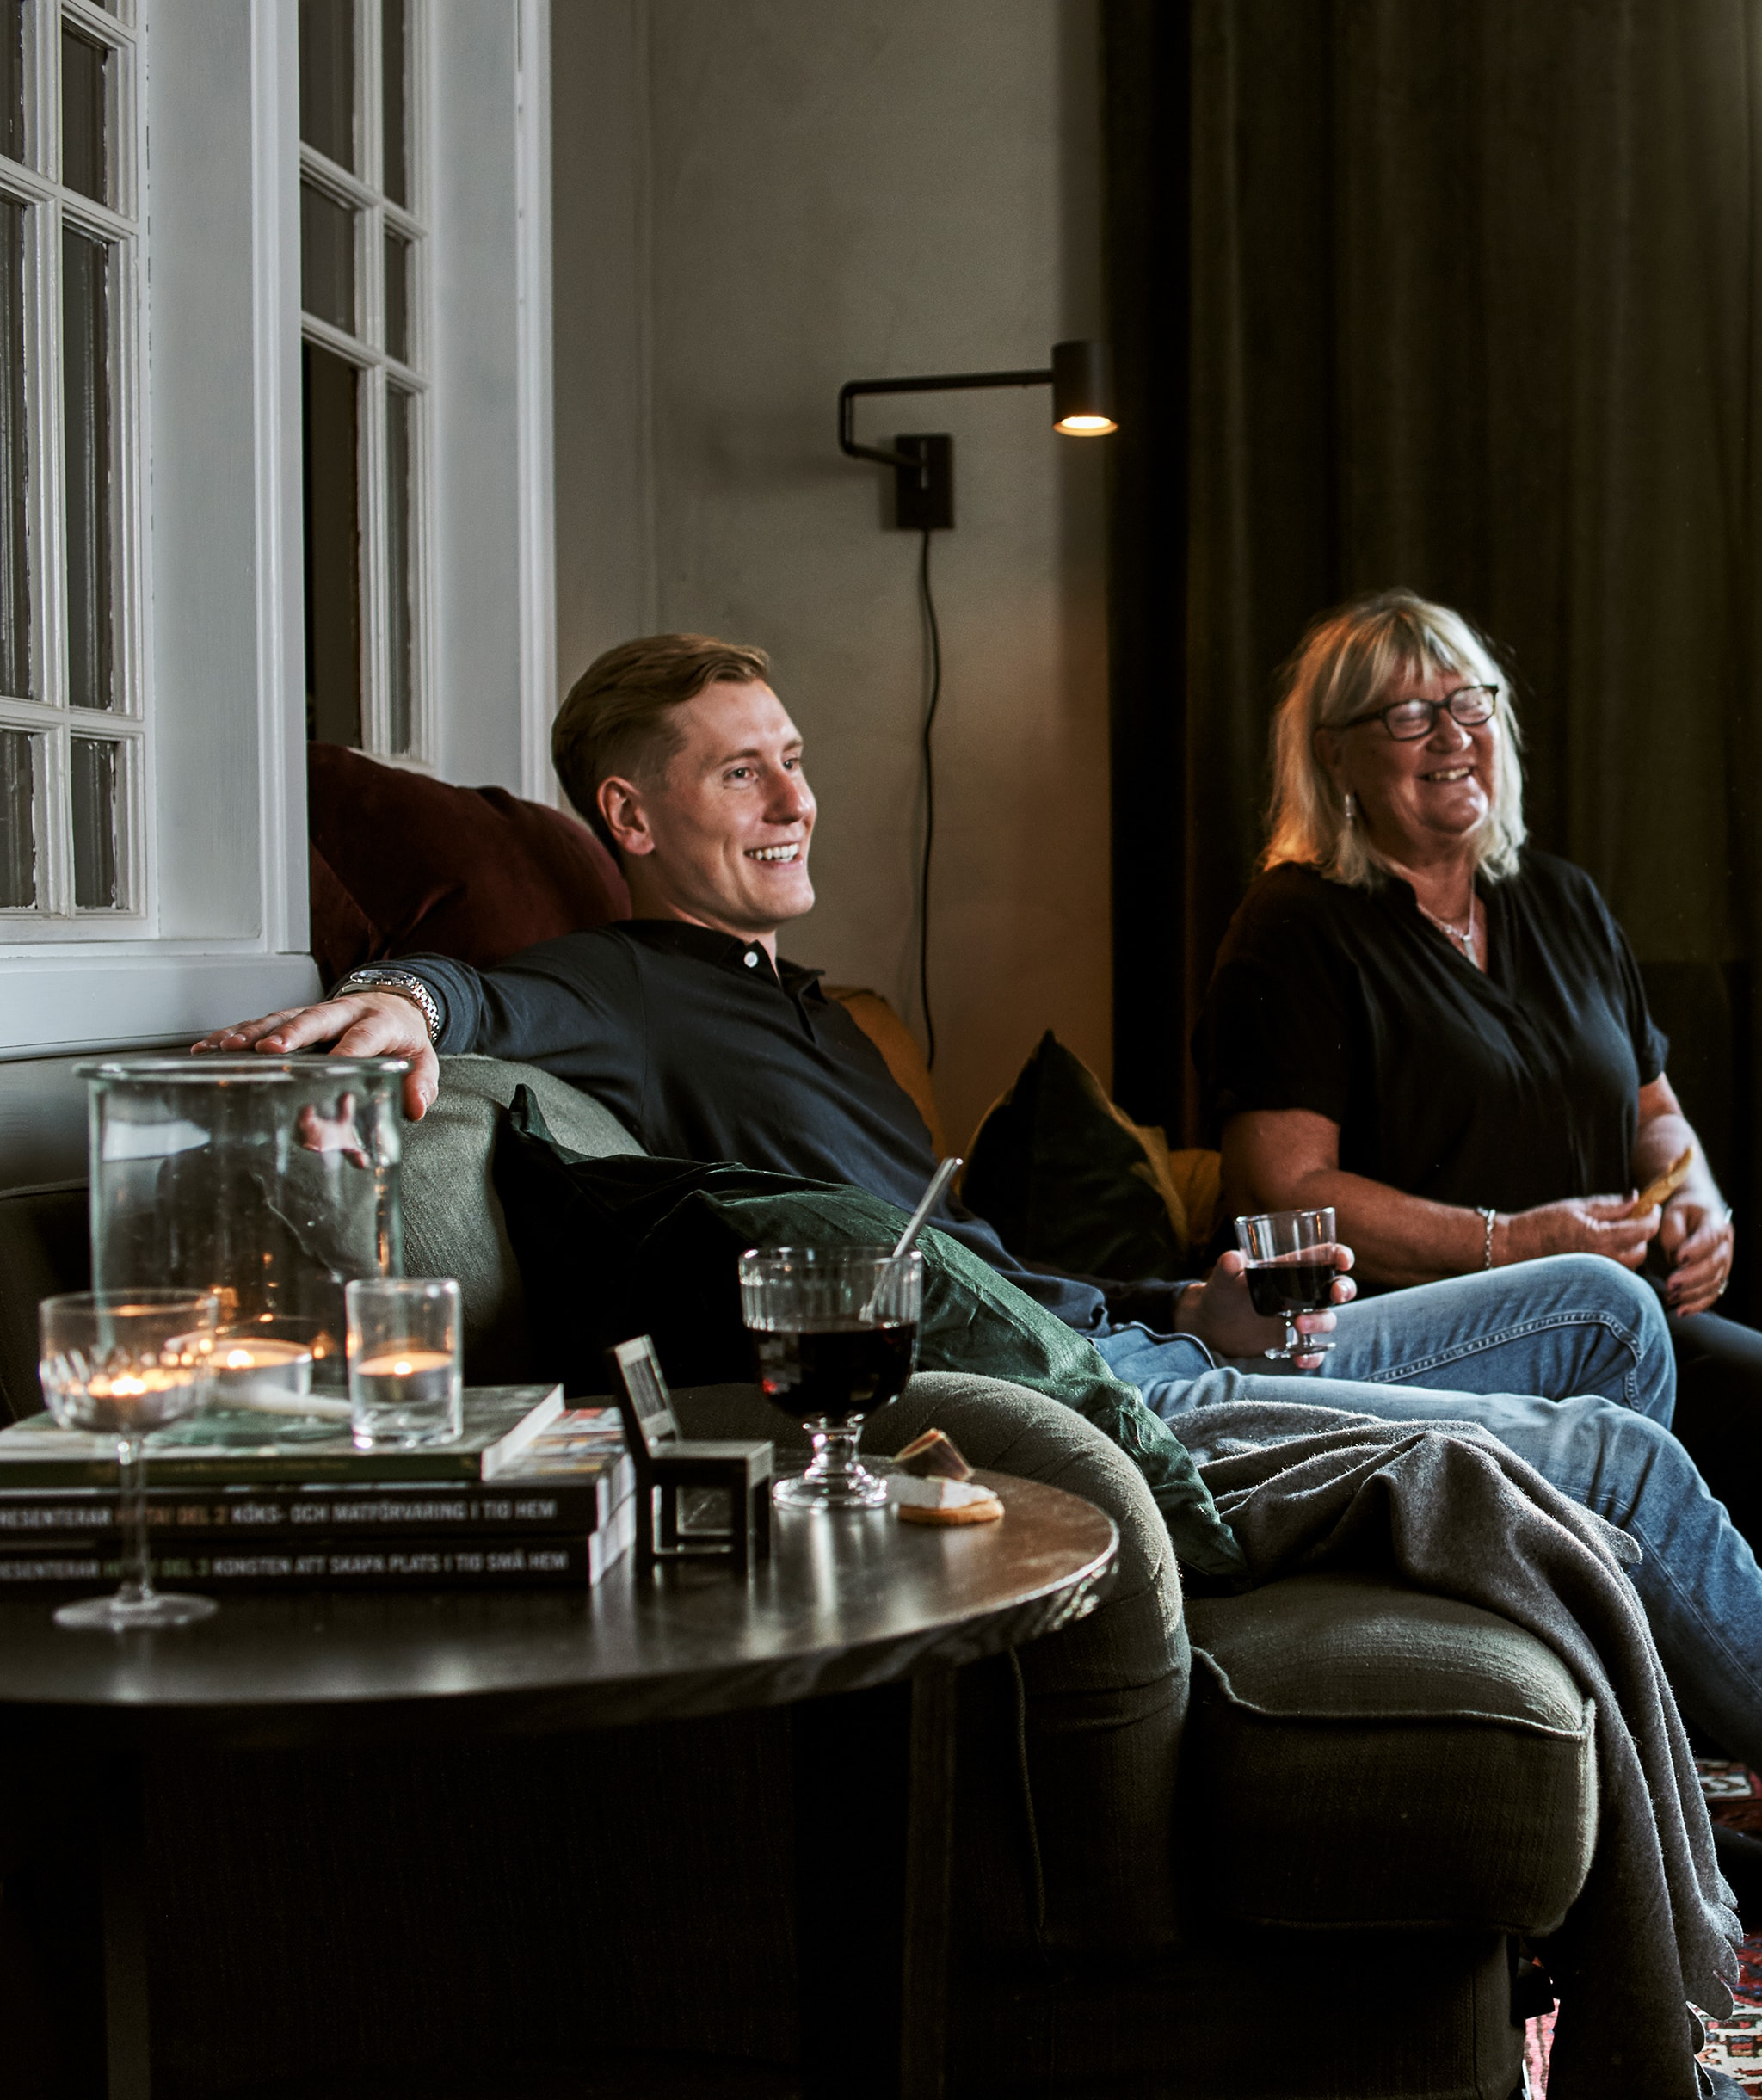 Seorang pria dan wanita duduk di sofa hijau dengan bantal dan selimut kecil, minuman dalam gelas, tempat lilin dan buku-buku ada di atas meja tamu.